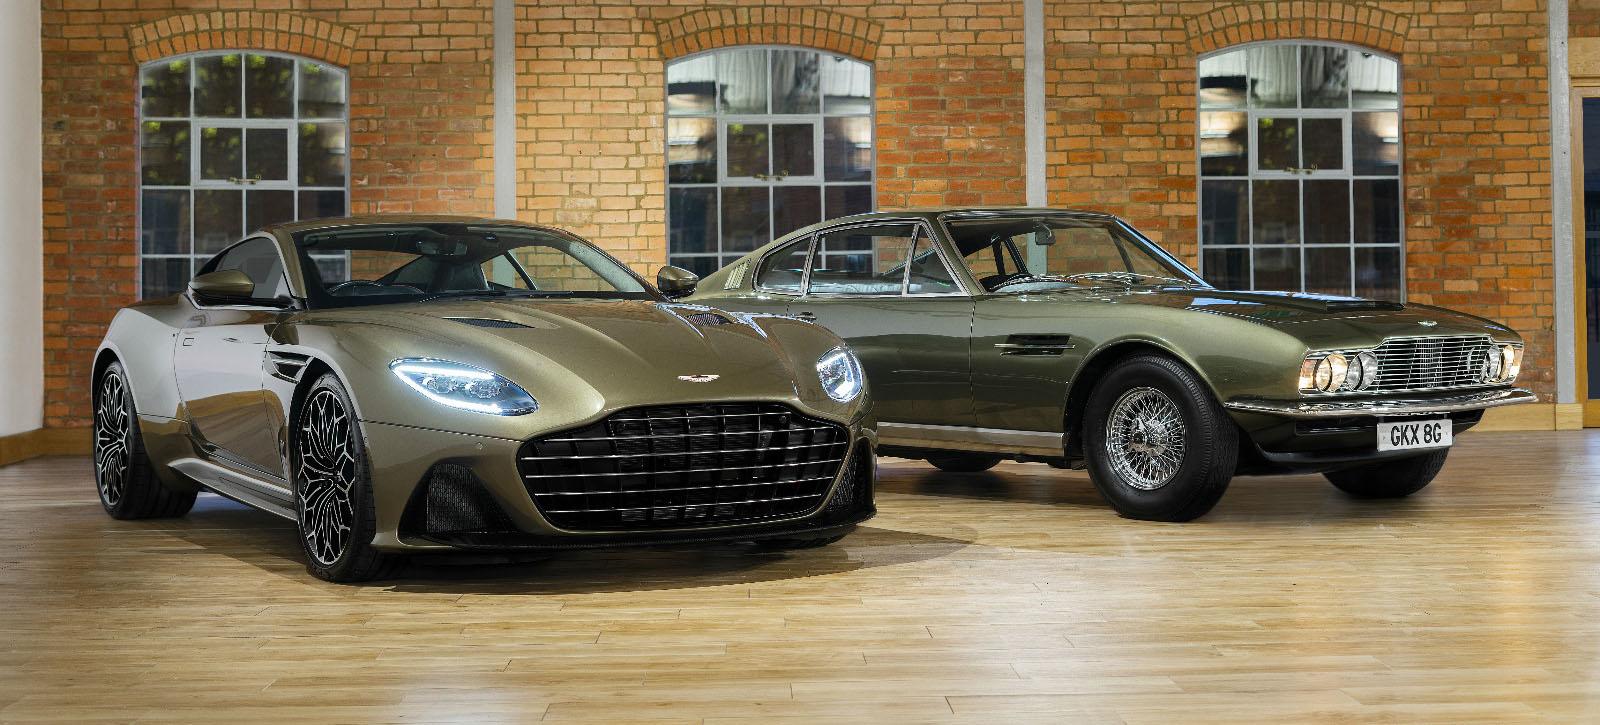 阿斯顿·马丁推出限量版车型 彰显007风范